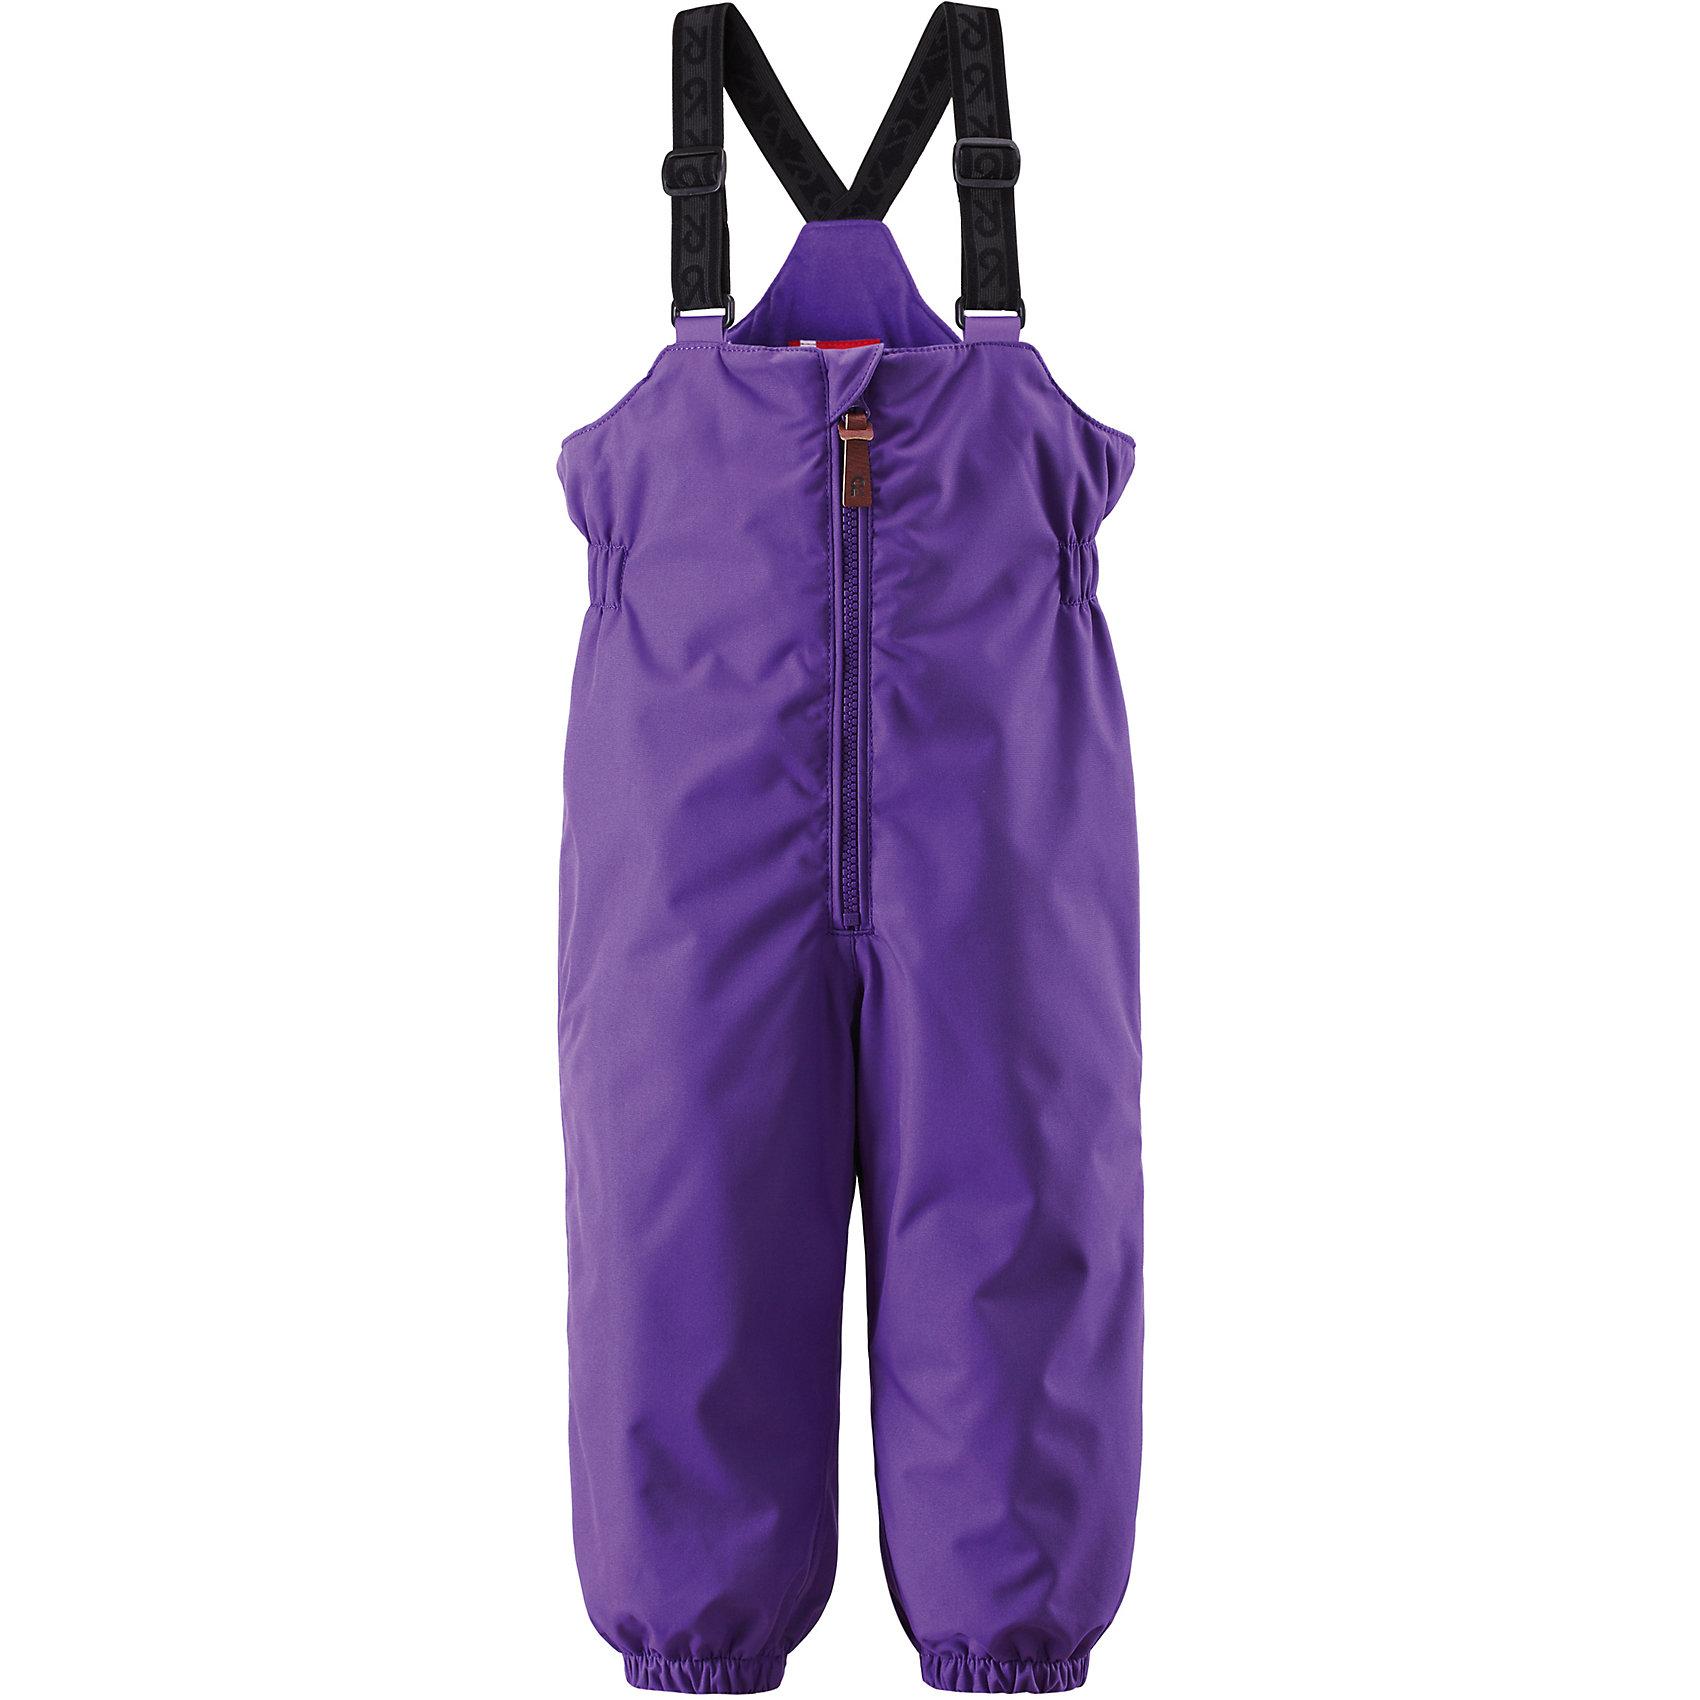 Брюки для девочки ReimaВерхняя одежда<br>Эти популярные у малышей брюки из коллекции ORIGINAL от Reima (Рейма) так и зовут повеселиться в зимний денёк! Эти великолепные практичные брюки подходят для всех видов зимнего отдыха на свежем воздухе. Дети не вспотеют играя в водонепроницаемых, пропускающих воздух брюках. Поверхность материала отталкивает воду и грязь. Высокая посадка и регулируемые подтяжки гарантируют, что брюки будут сидеть по фигуре, а длинная молния спереди облегчит процесс одевания. Благодаря дополнительно утеплённой задней части брюк малыши не замёрзнут катаясь на санках и скользя в снегу. Эластичные штрипки удержат концы брючин на своём месте во время прогулки. Эти надёжные брюки теперь можно приобрести в великолепных модных в этом сезоне расцветках! <br><br>Водонепроницаемые зимние брюки для малышей в стиле ORIGINAL<br> Основные швы проклеены, водонепроницаемы<br> Регулируемые подтяжки<br> Длинная молния спереди<br> Дополнительно утеплённая задняя часть брюк<br> Съёмные эластичные штрипки<br>Состав:<br>100% ПЭ, ПУ-покрытие<br>Средняя степень утепления (до - 20)<br><br>Брюки Reima (Рейма) можно купить в нашем магазине.<br><br>Ширина мм: 215<br>Глубина мм: 88<br>Высота мм: 191<br>Вес г: 336<br>Цвет: фиолетовый<br>Возраст от месяцев: 6<br>Возраст до месяцев: 9<br>Пол: Женский<br>Возраст: Детский<br>Размер: 74,98,92,86,80<br>SKU: 4208215